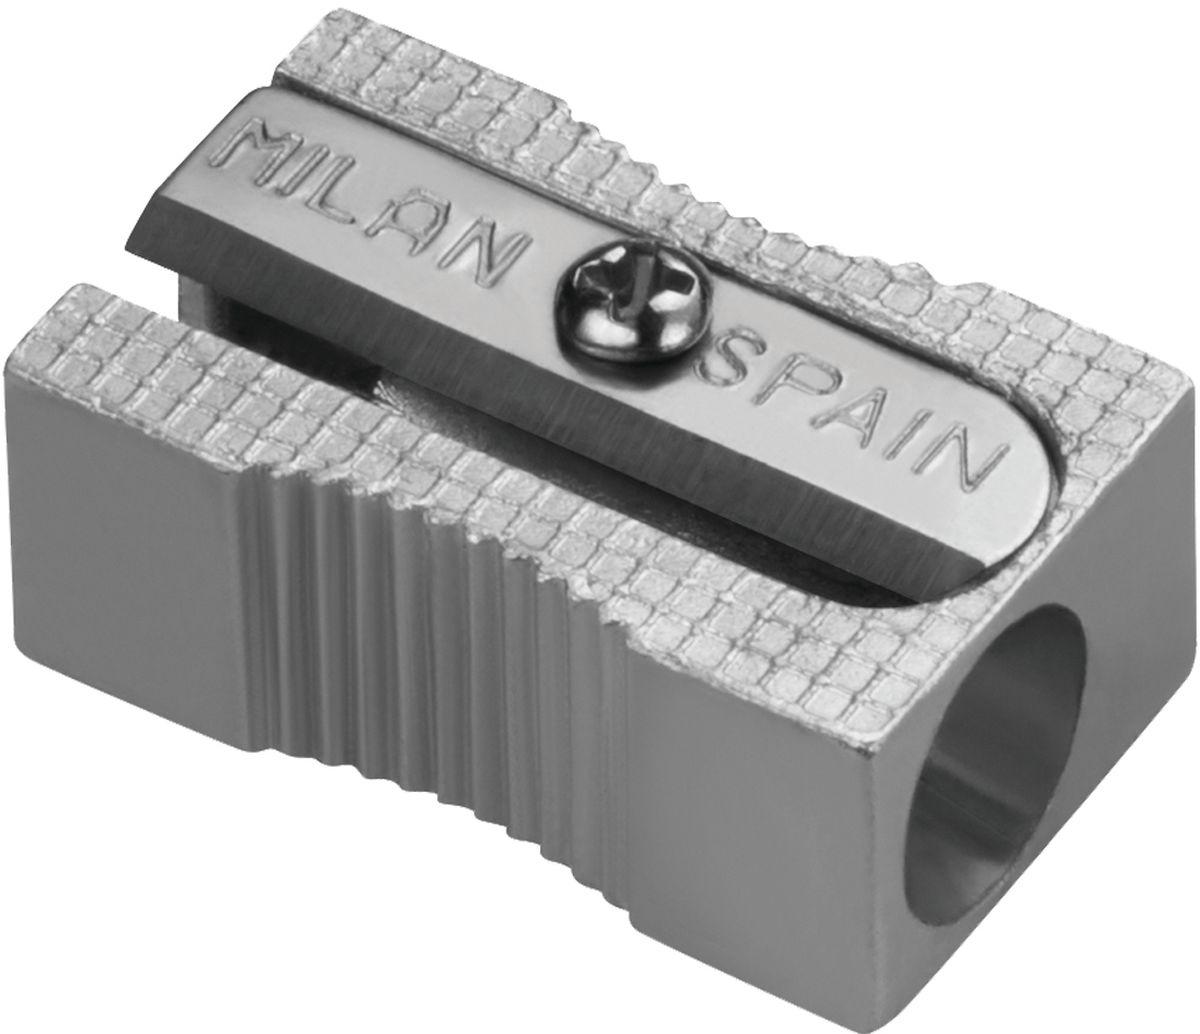 Milan Точилка 8003472523WDАлюминиевая точилка MILAN. Лезвие из углеродистой стали, острое и устойчивое к повреждению. Идеально подходит для графитовых и цветных карандашей